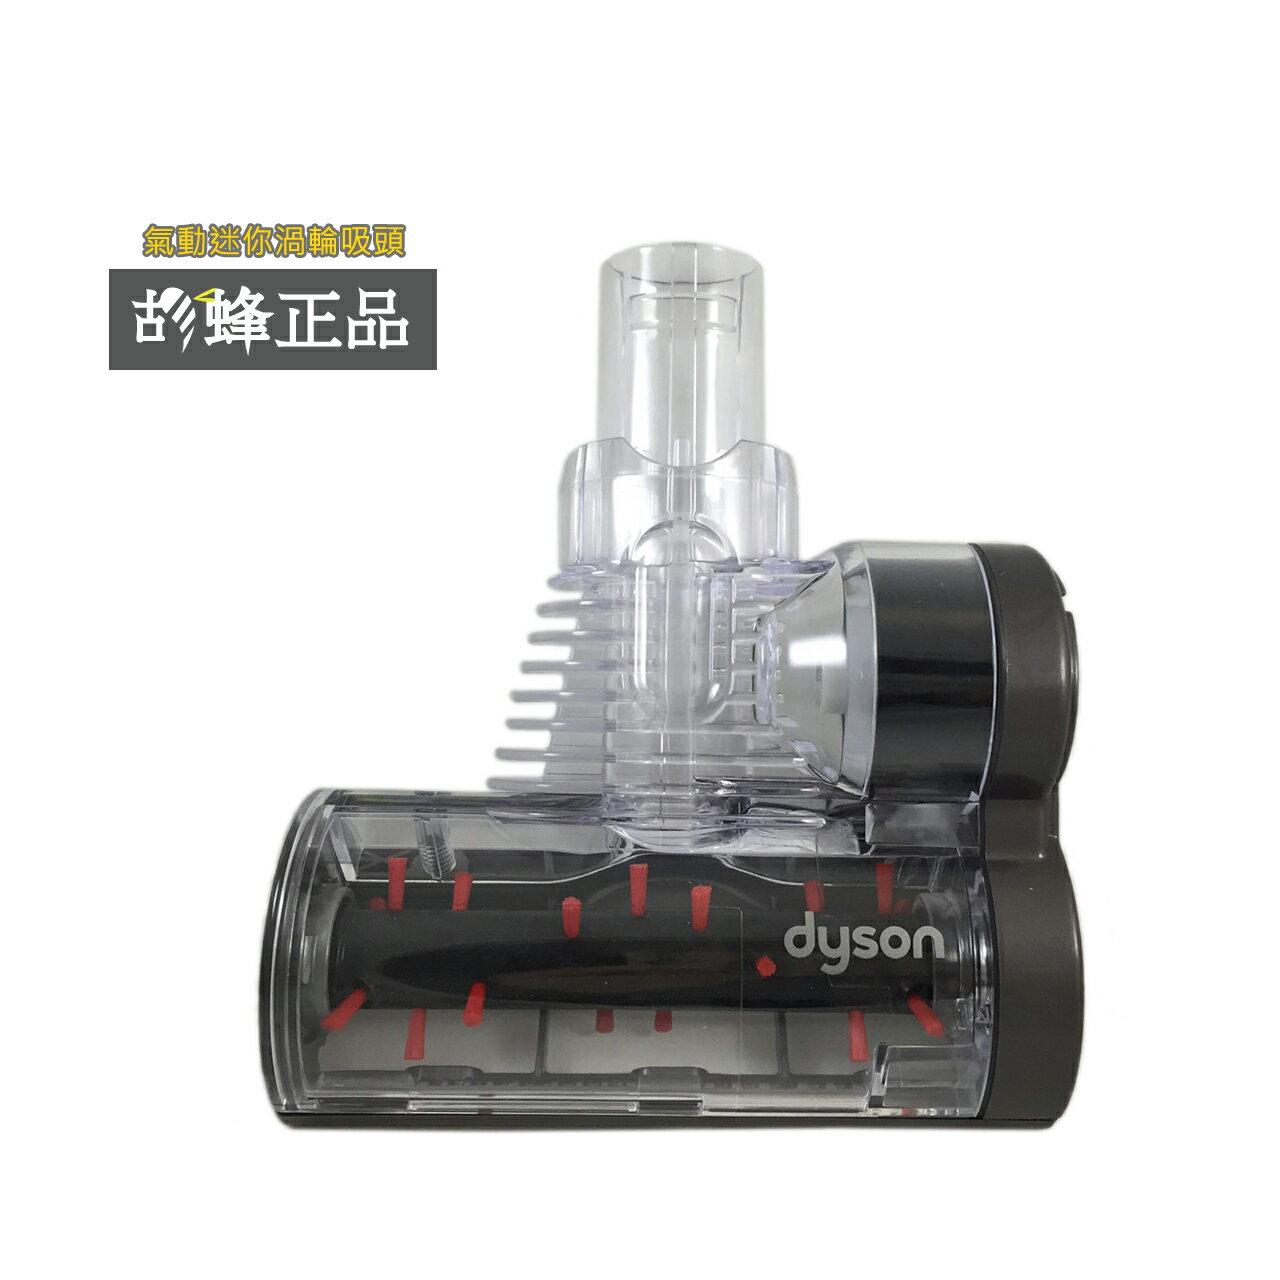 Dyson V6 迷你渦輪吸頭 DC63 DC52 DC48 DC47 DC37 DC36 DC26